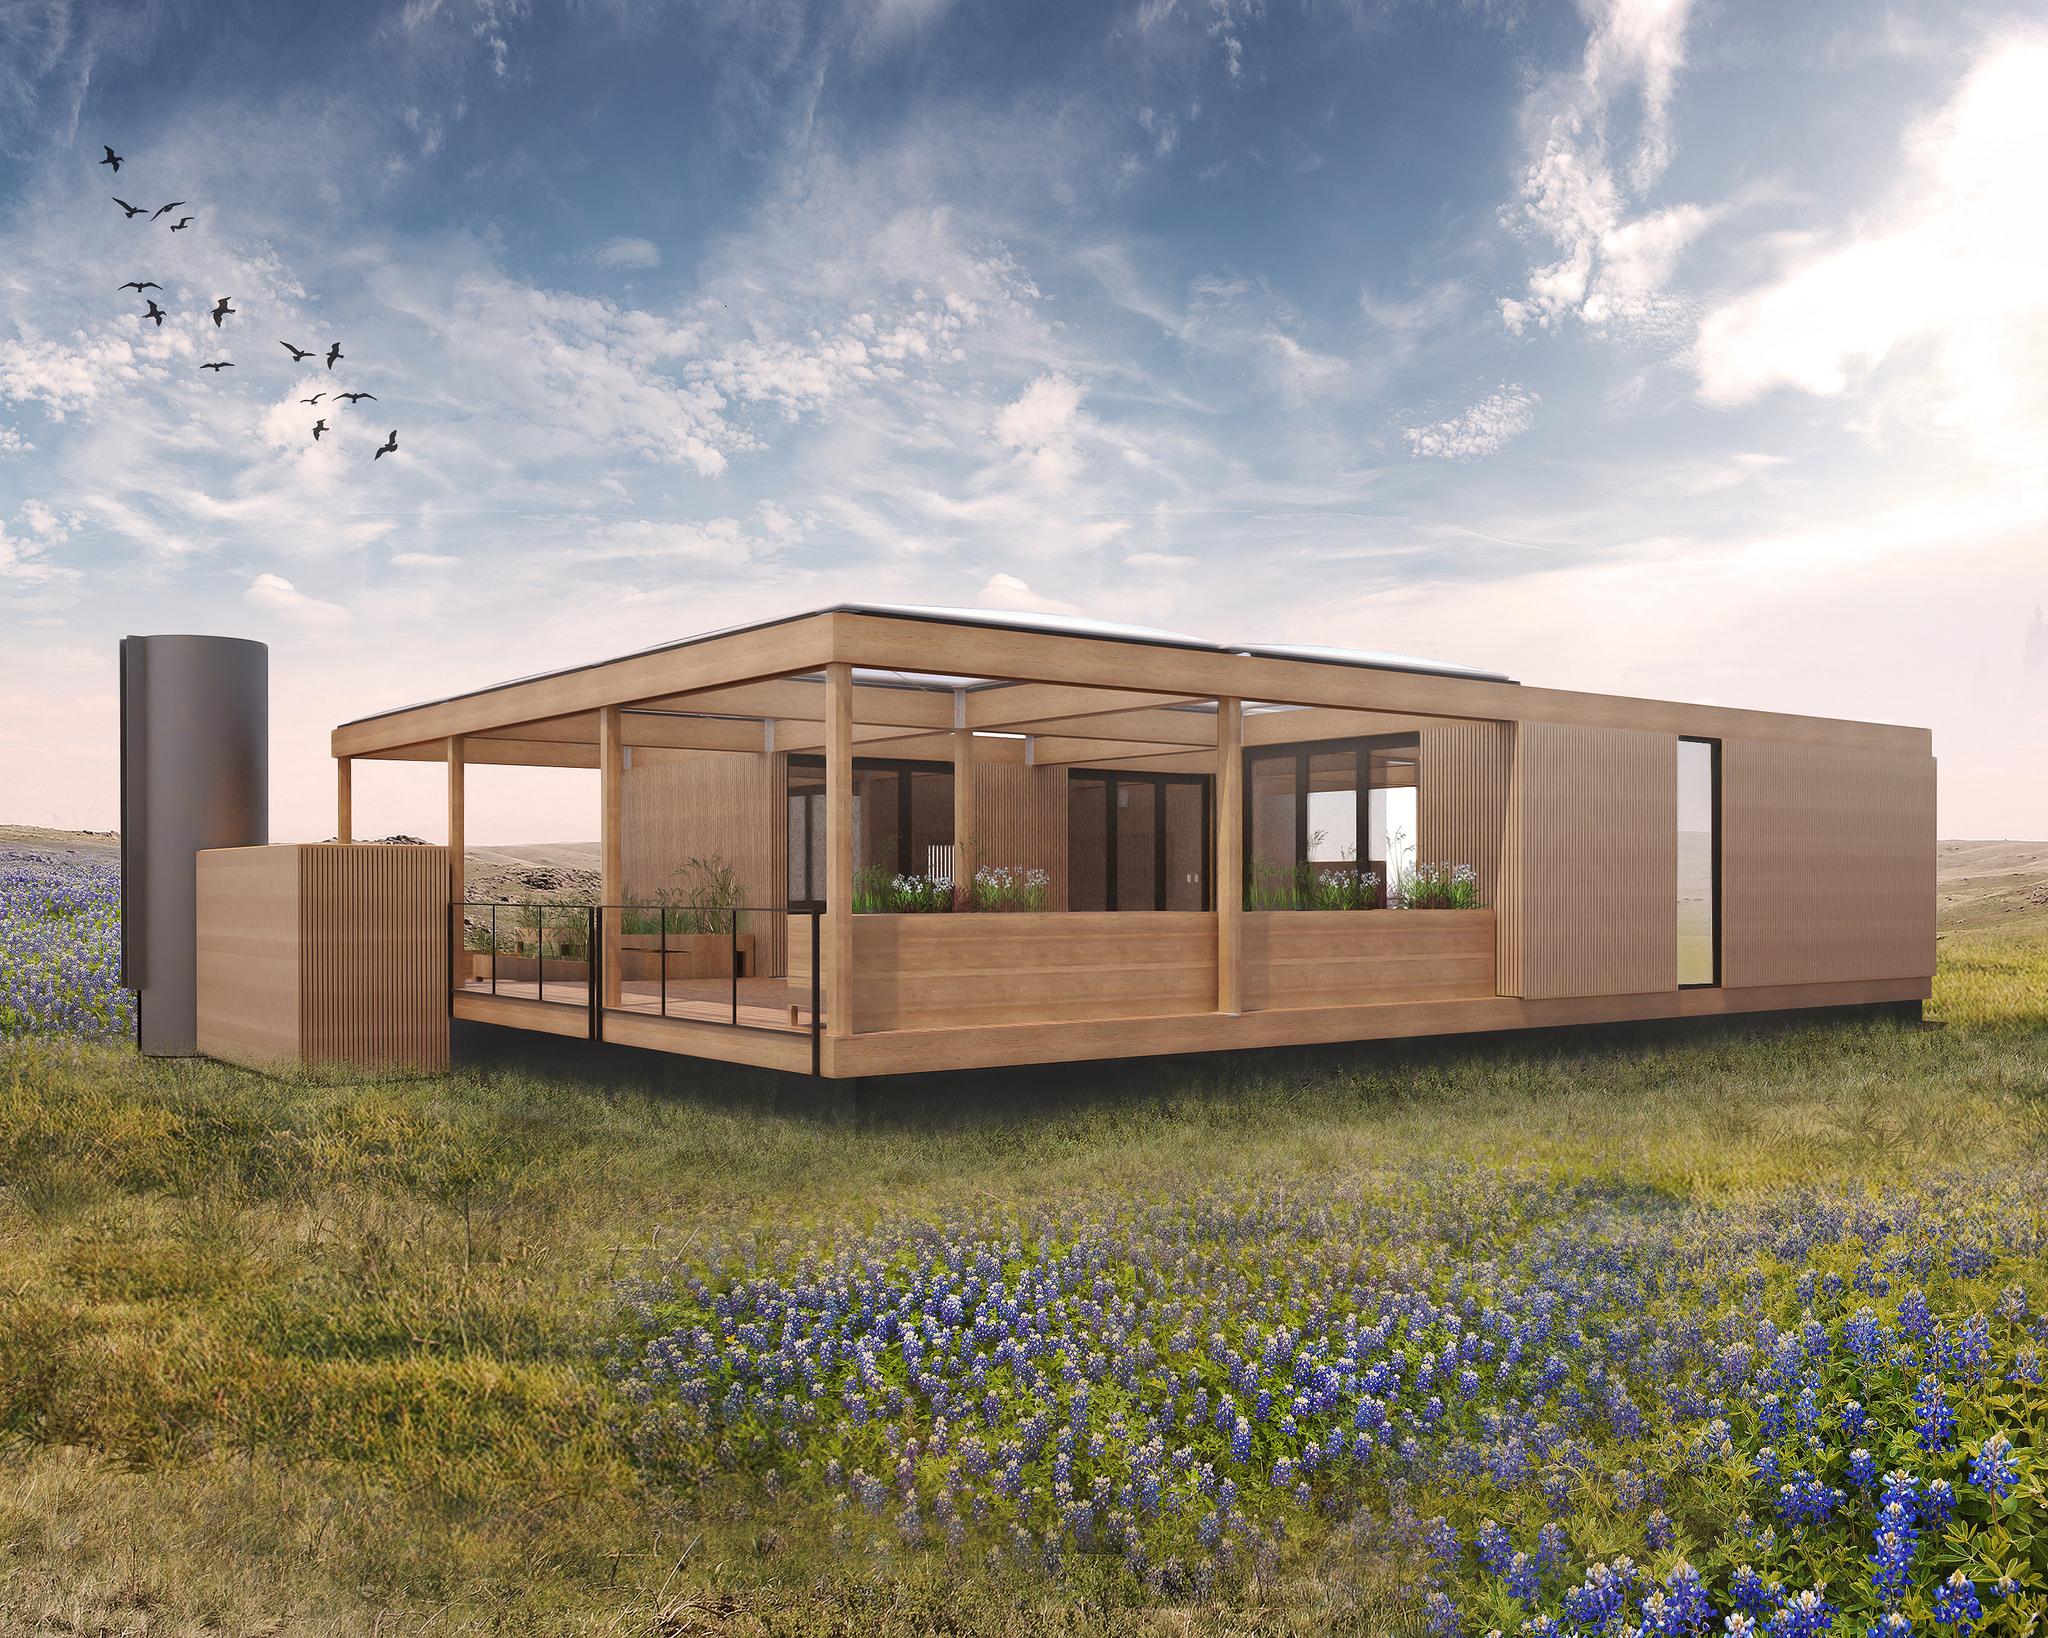 la journ e missions z ro c 39 est tous les jours dans ces maisons. Black Bedroom Furniture Sets. Home Design Ideas